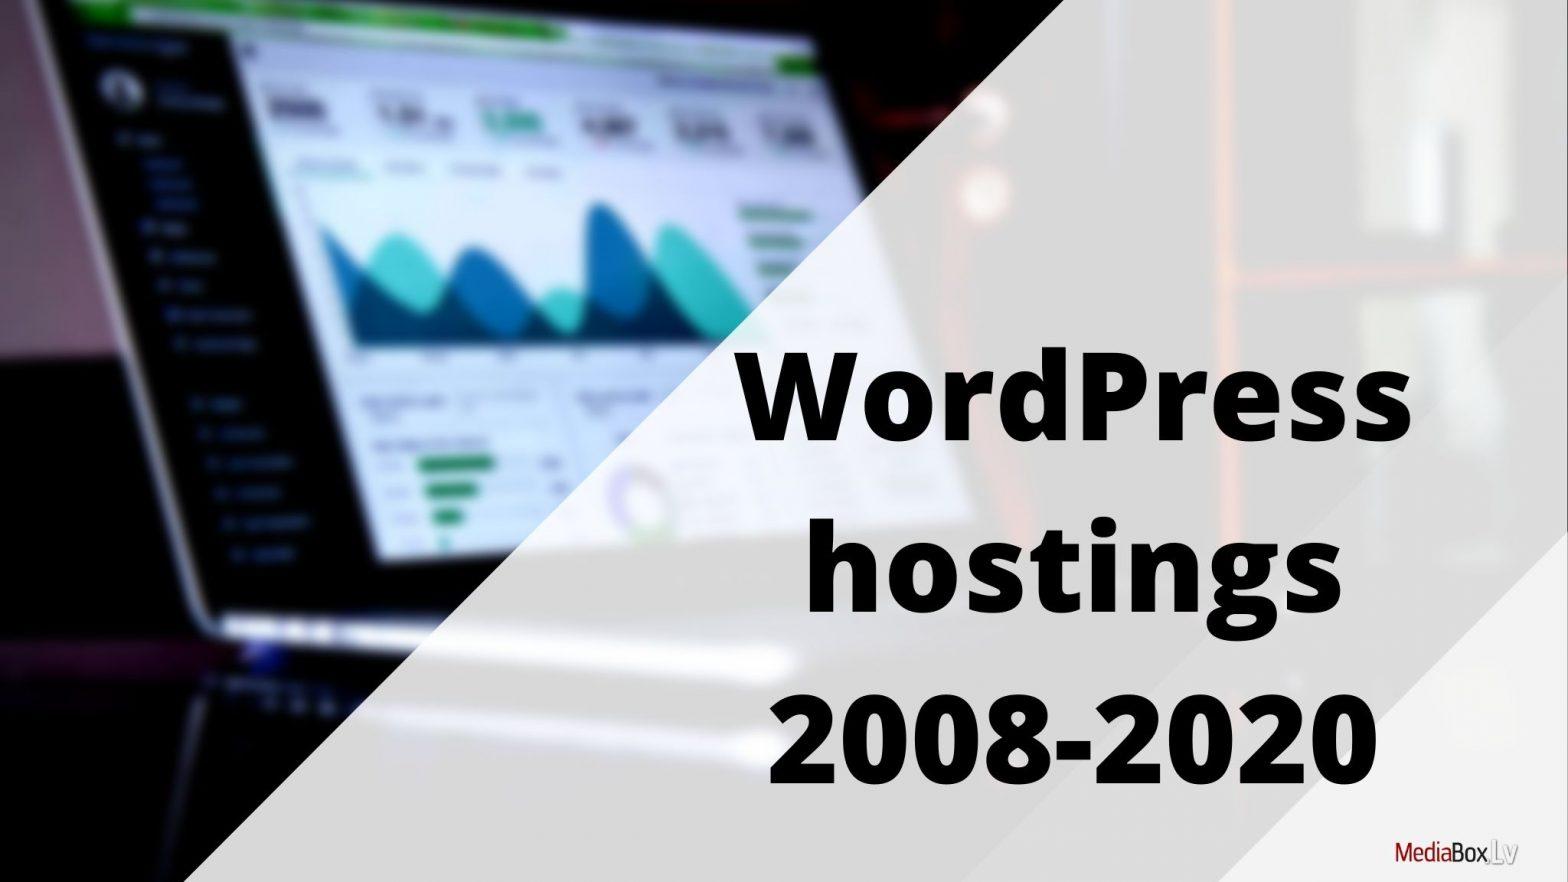 WordPress hostings 2008-2020